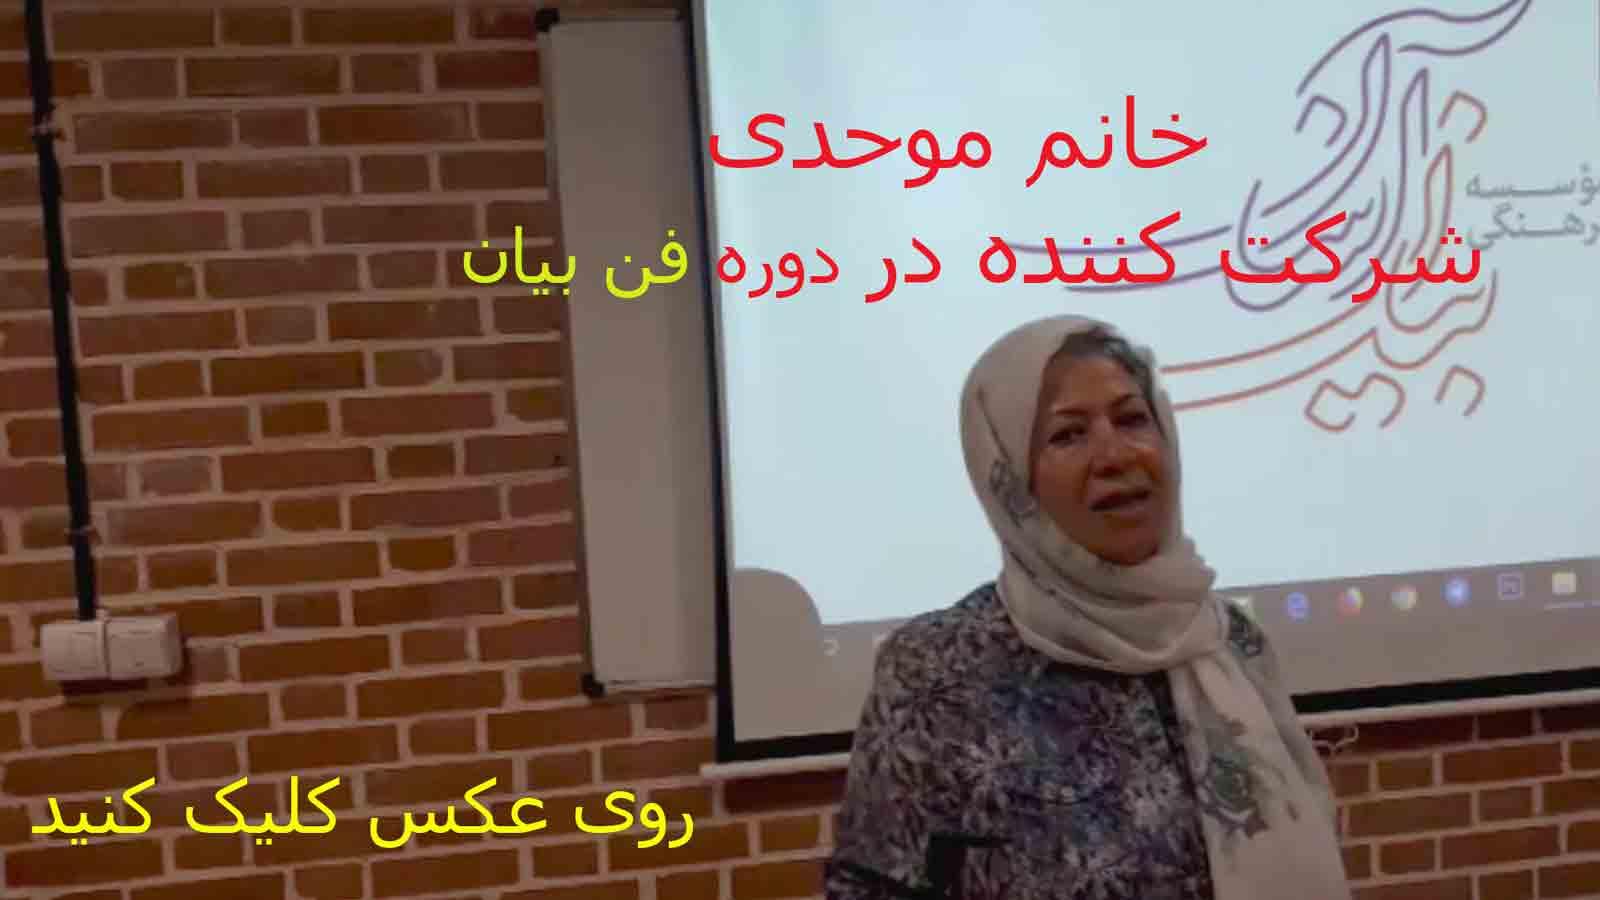 کلاس فن بیان